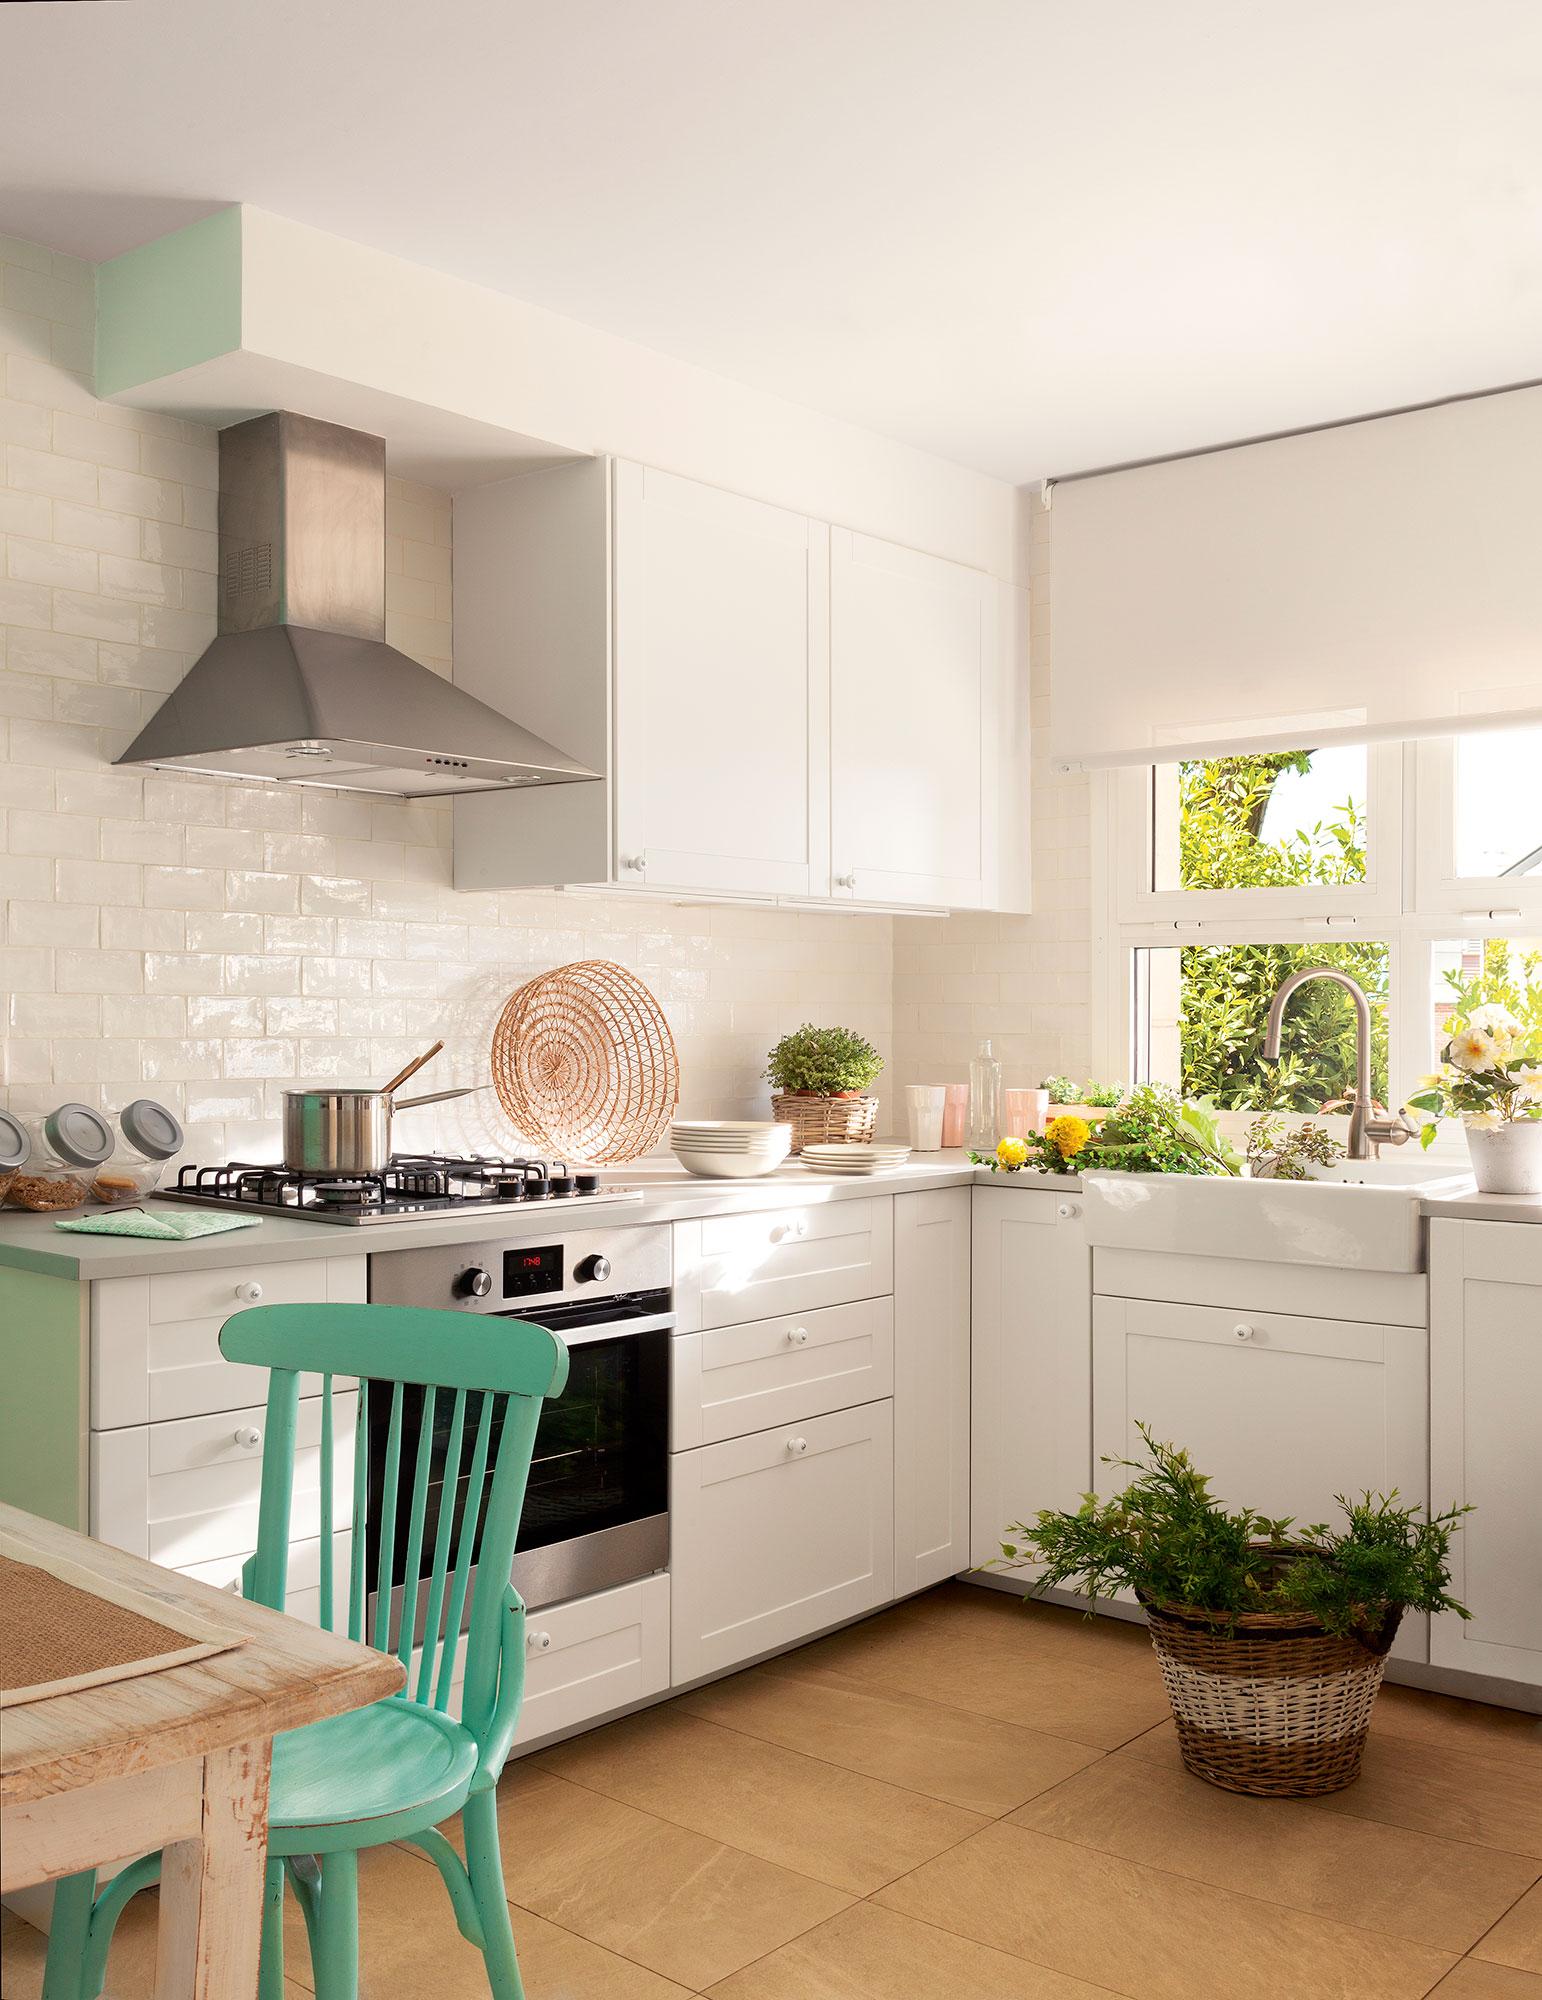 10 ideas infalibles para multiplicar la luz en la cocina - Ideas para cocina ...